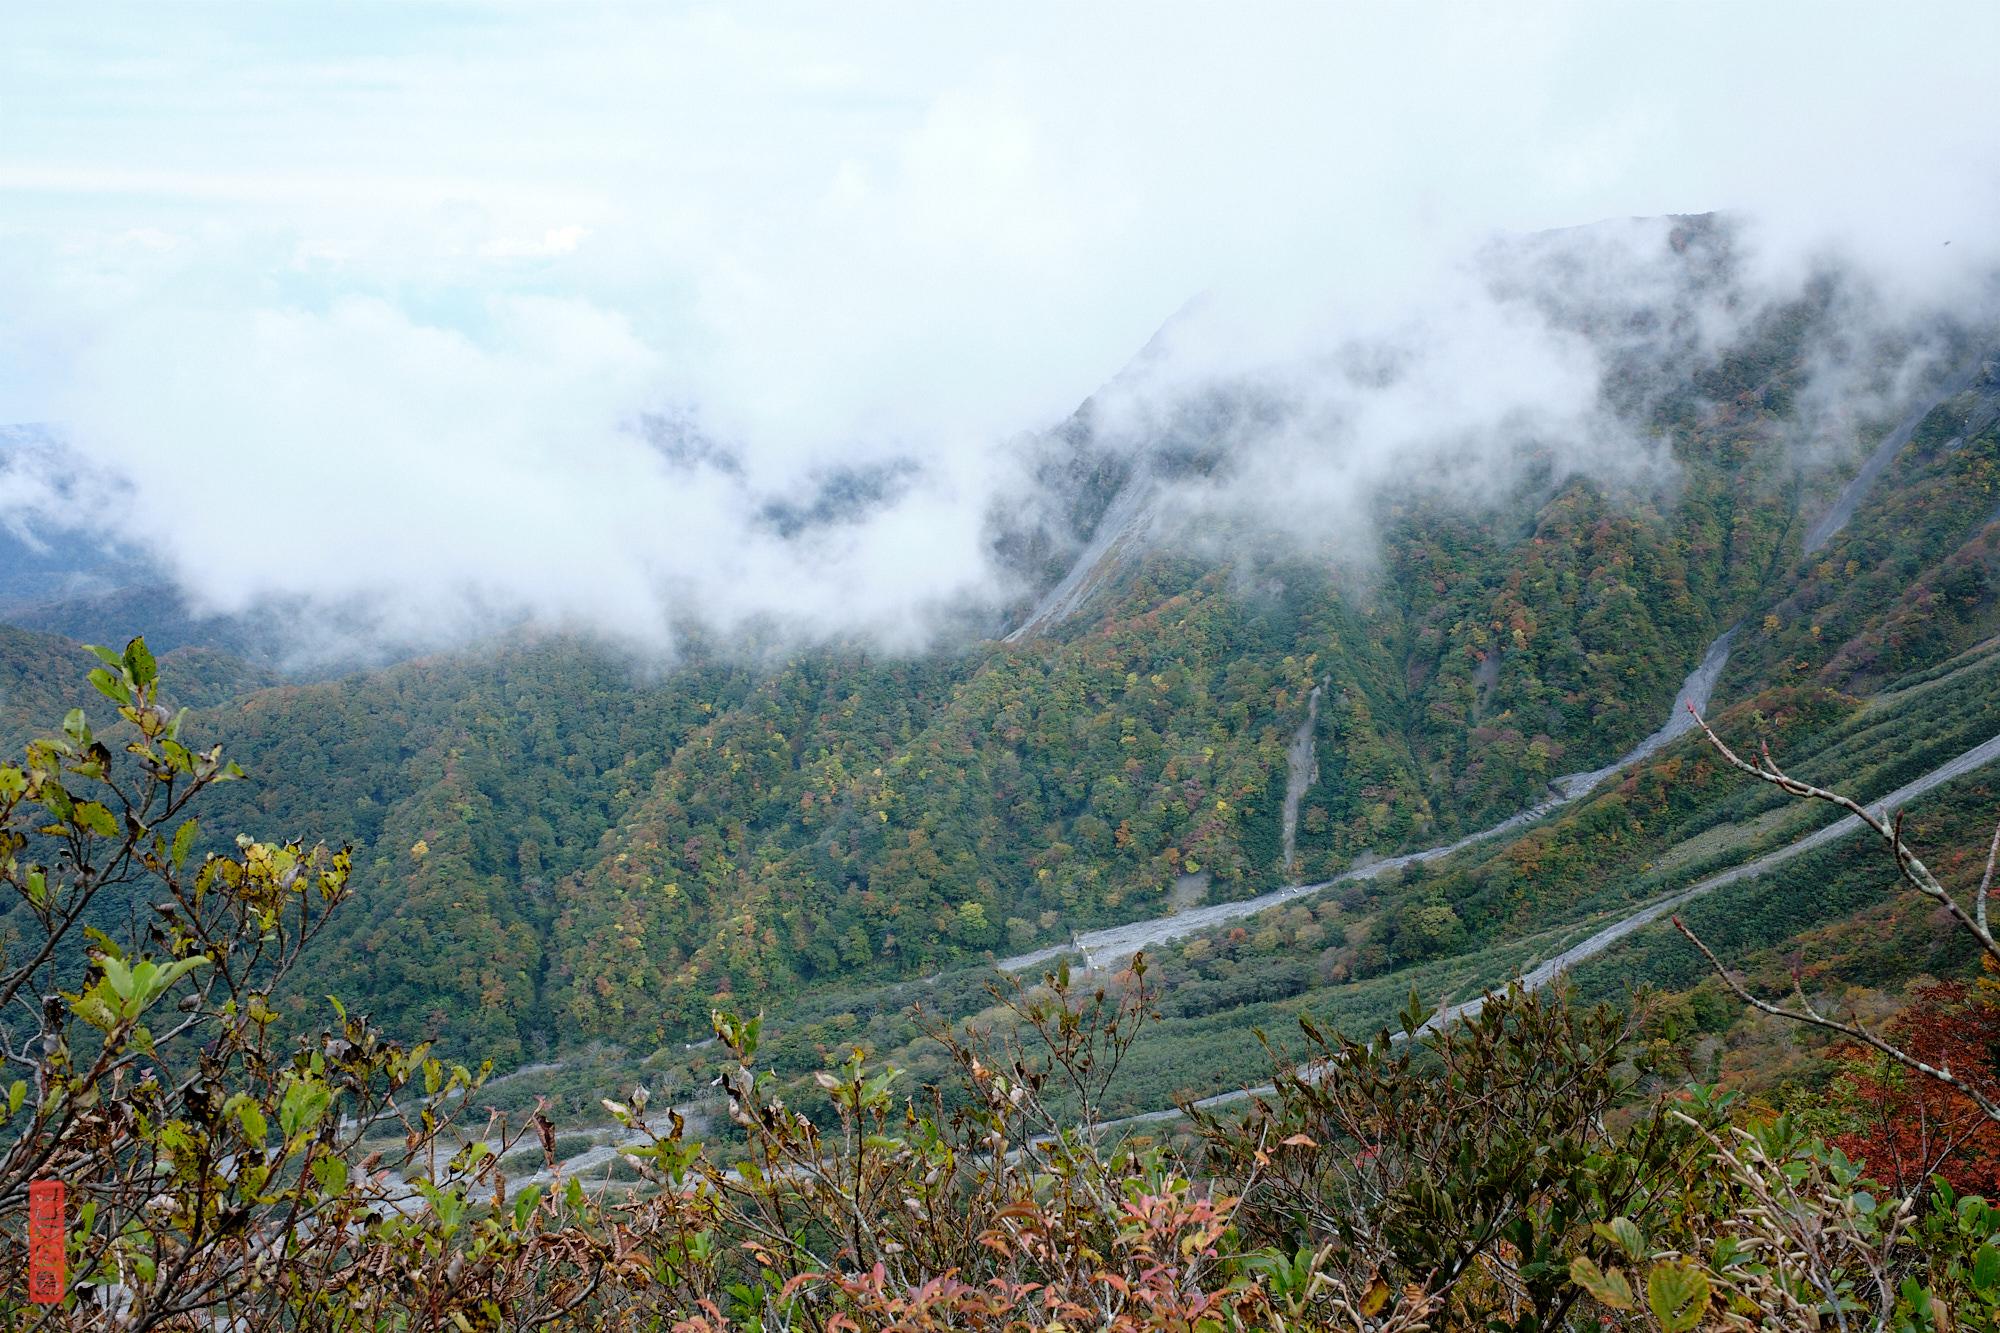 Randonnée du mont Misen, Japon